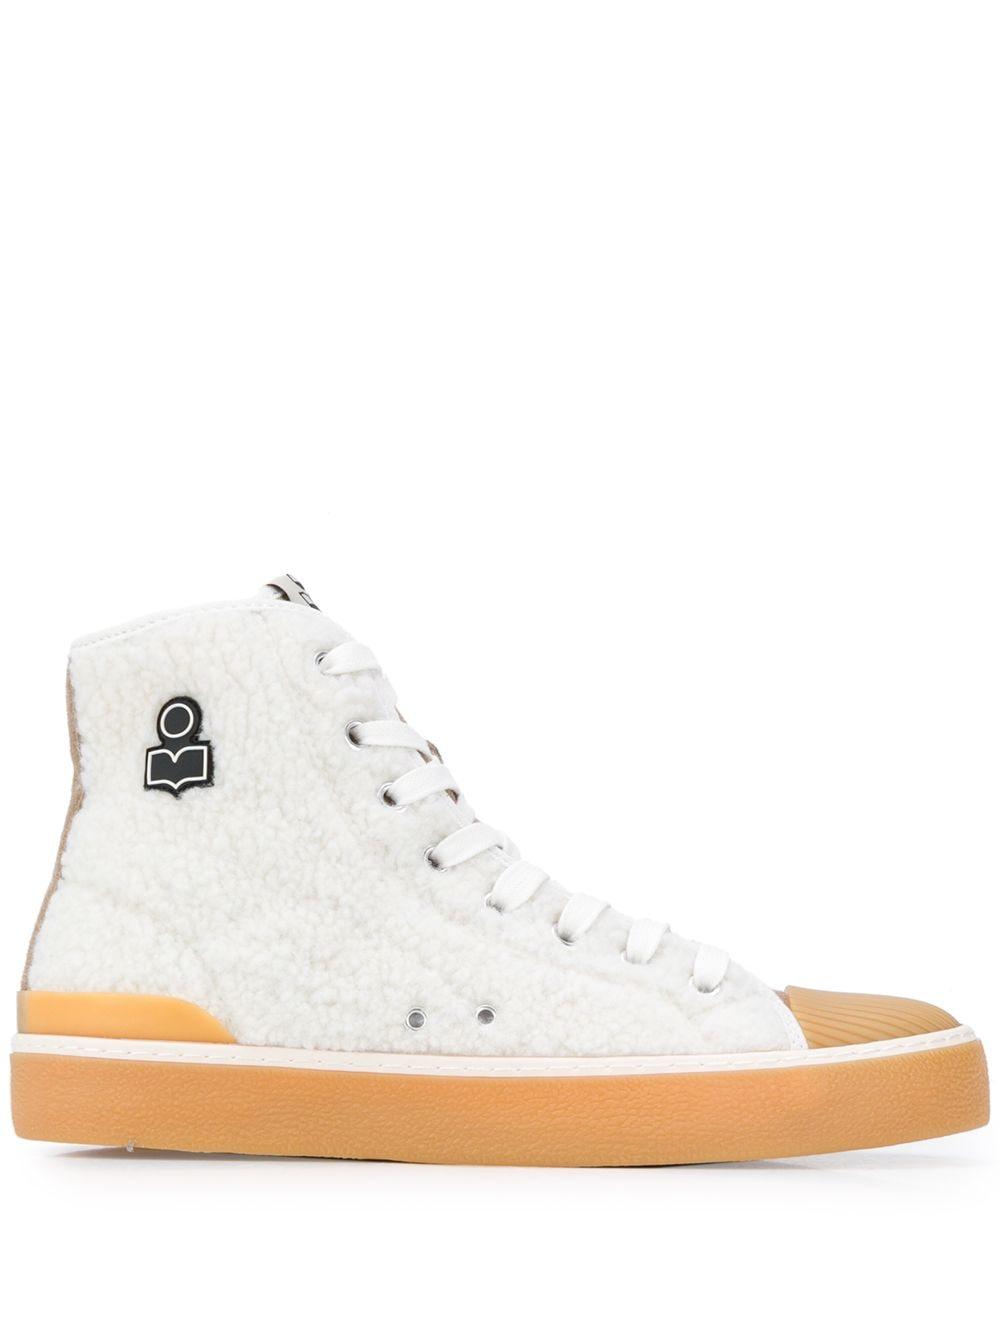 Benkeen Leather Sneakers